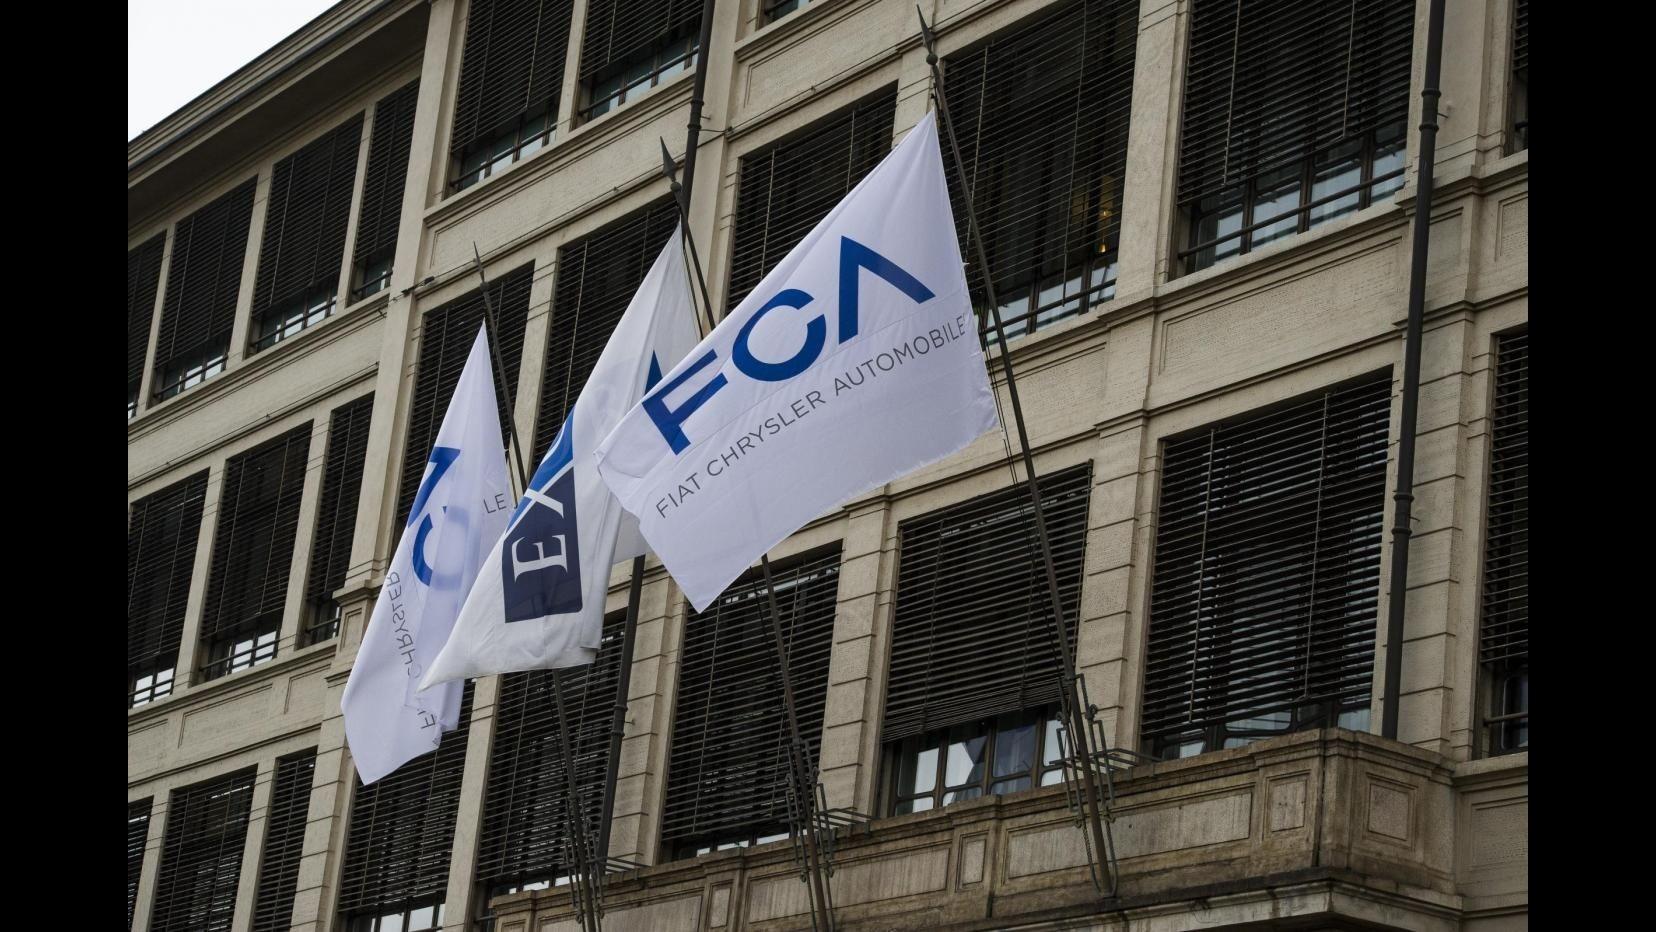 Fca, immatricolazioni Italia +10,8% a ottobre, in 10 mesi +16,9%